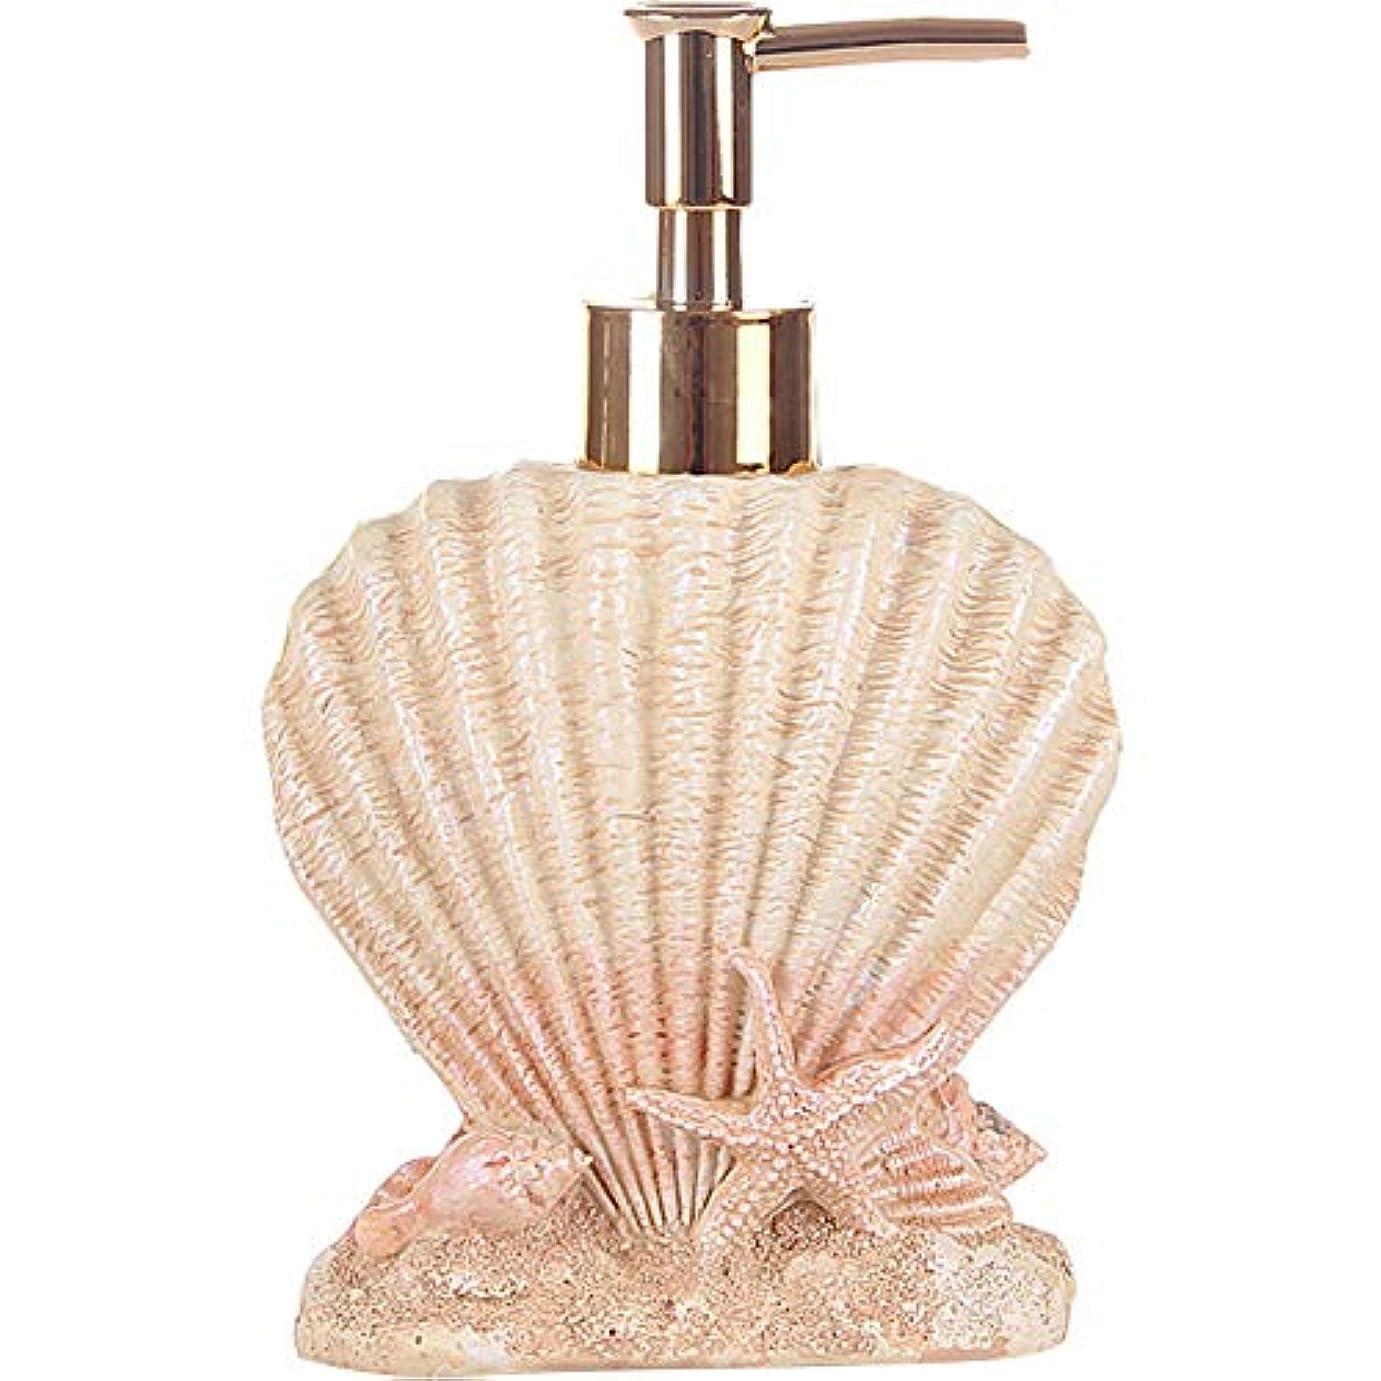 休眠破滅的な同種の(Shell) - Creative Beach Shells European Style Hand Soap Liquid Bottles Resin Shampoo Dispenser (shell)